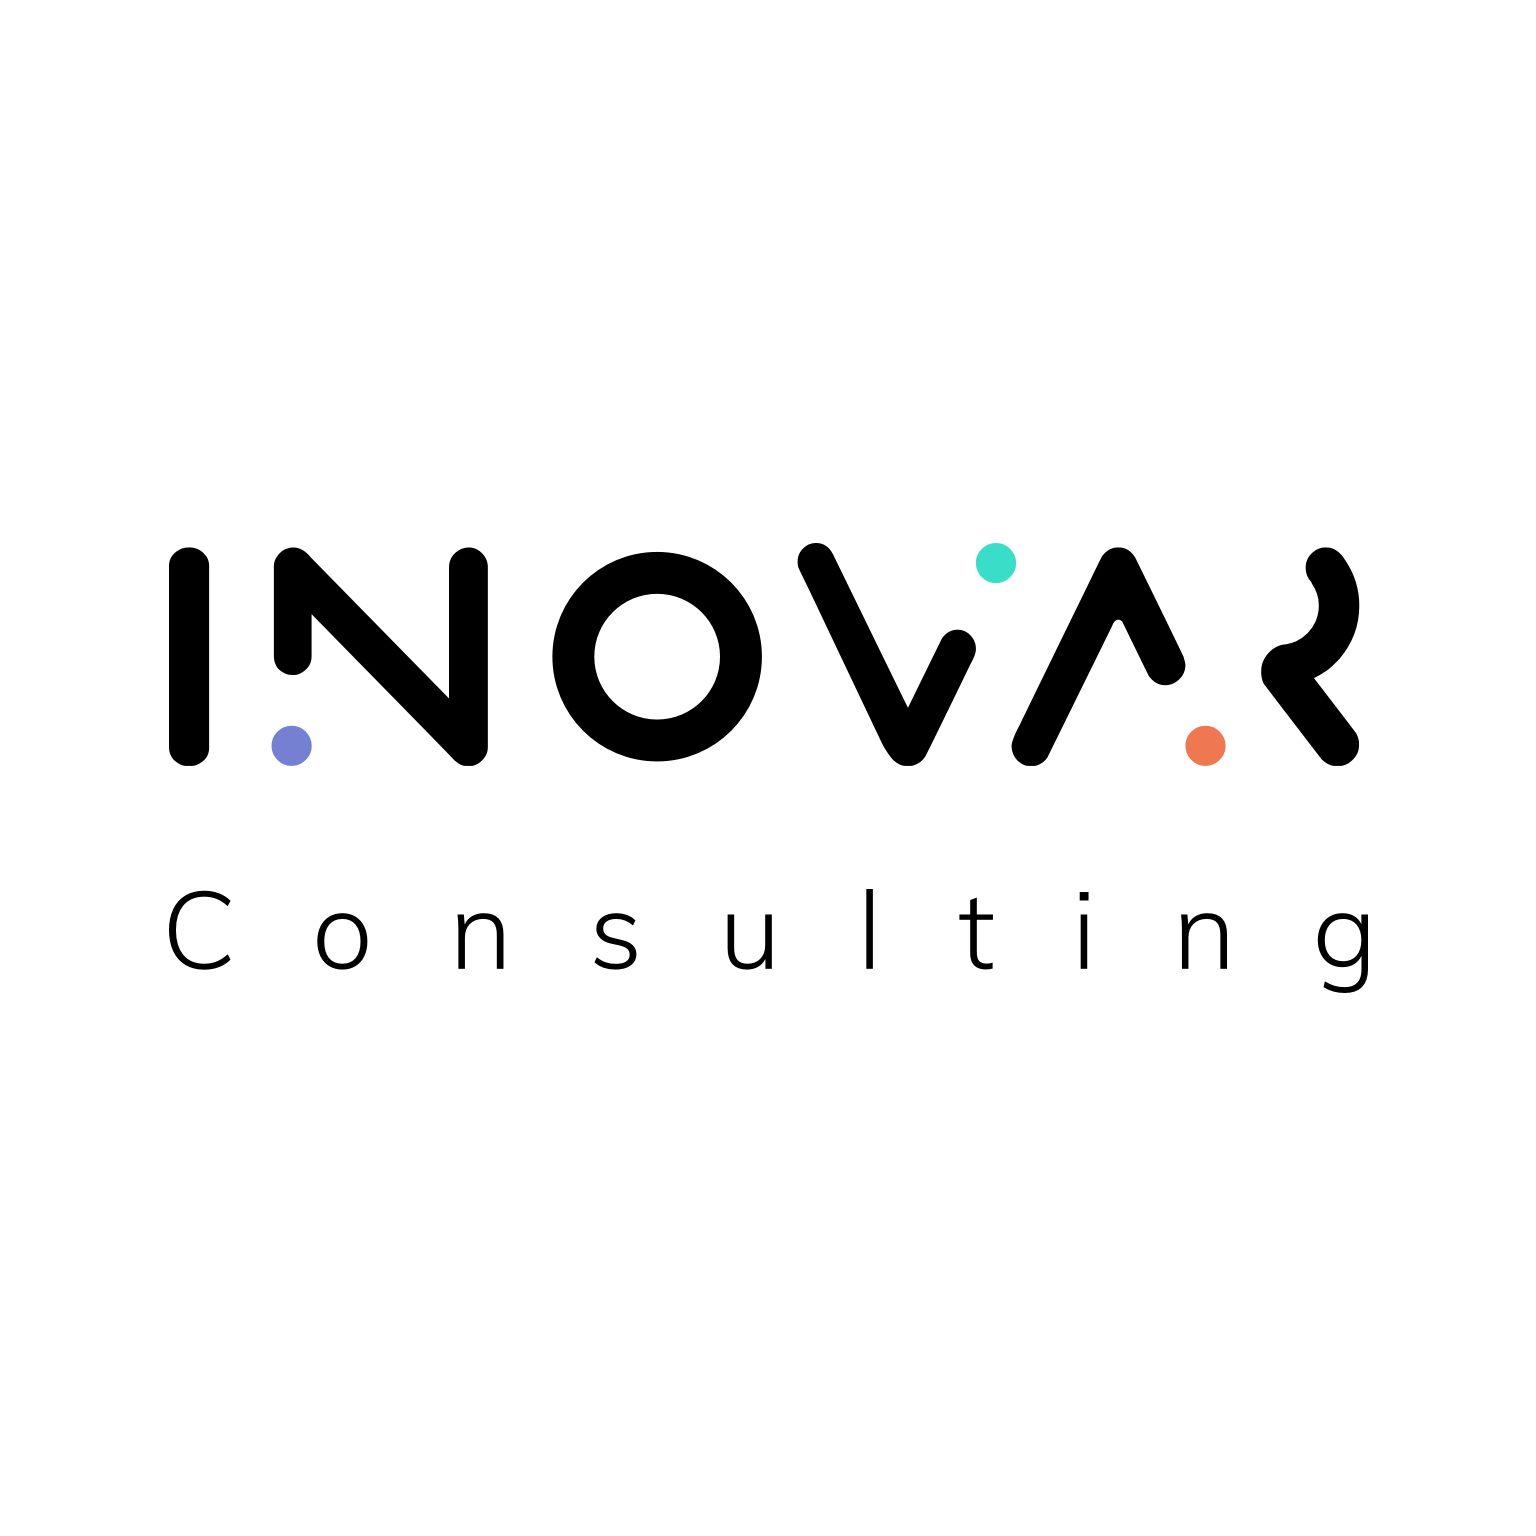 Inovar Consulting Logo